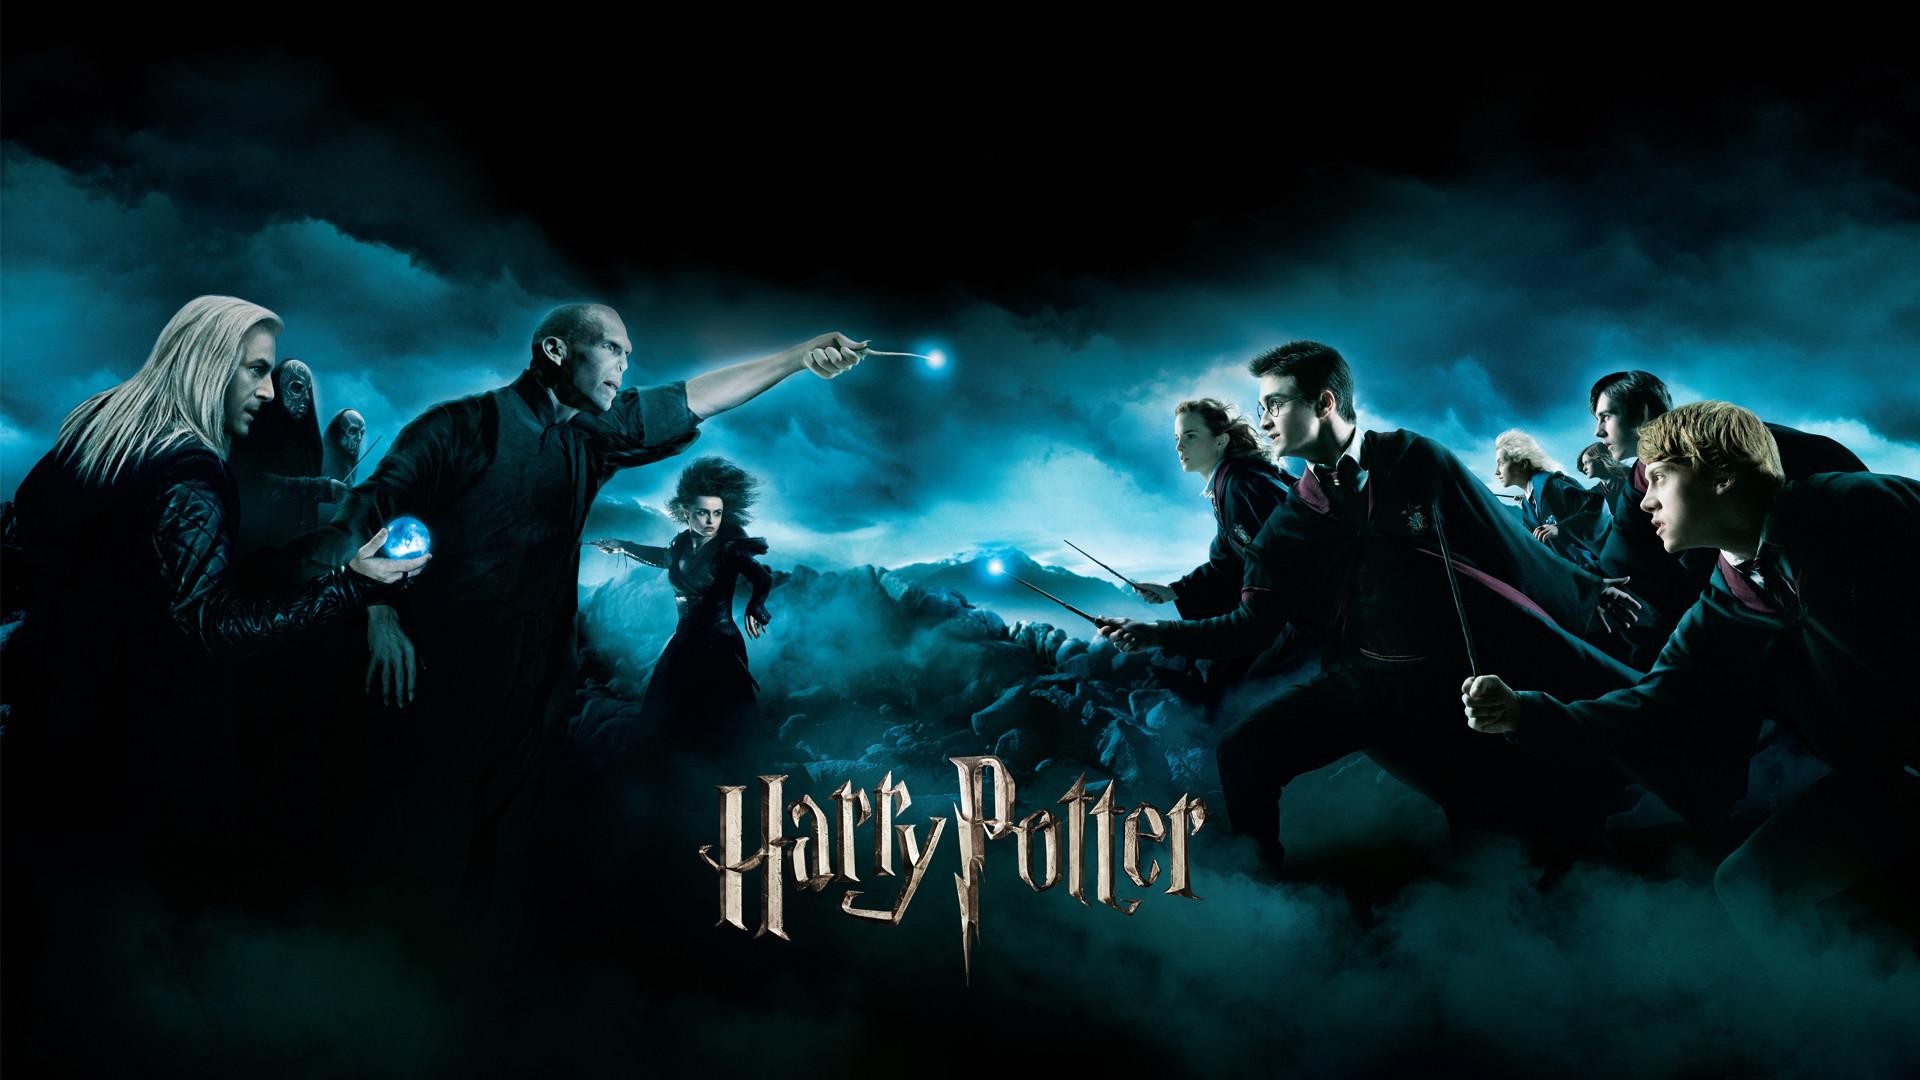 25+ Top Harry Potter Wallpaper